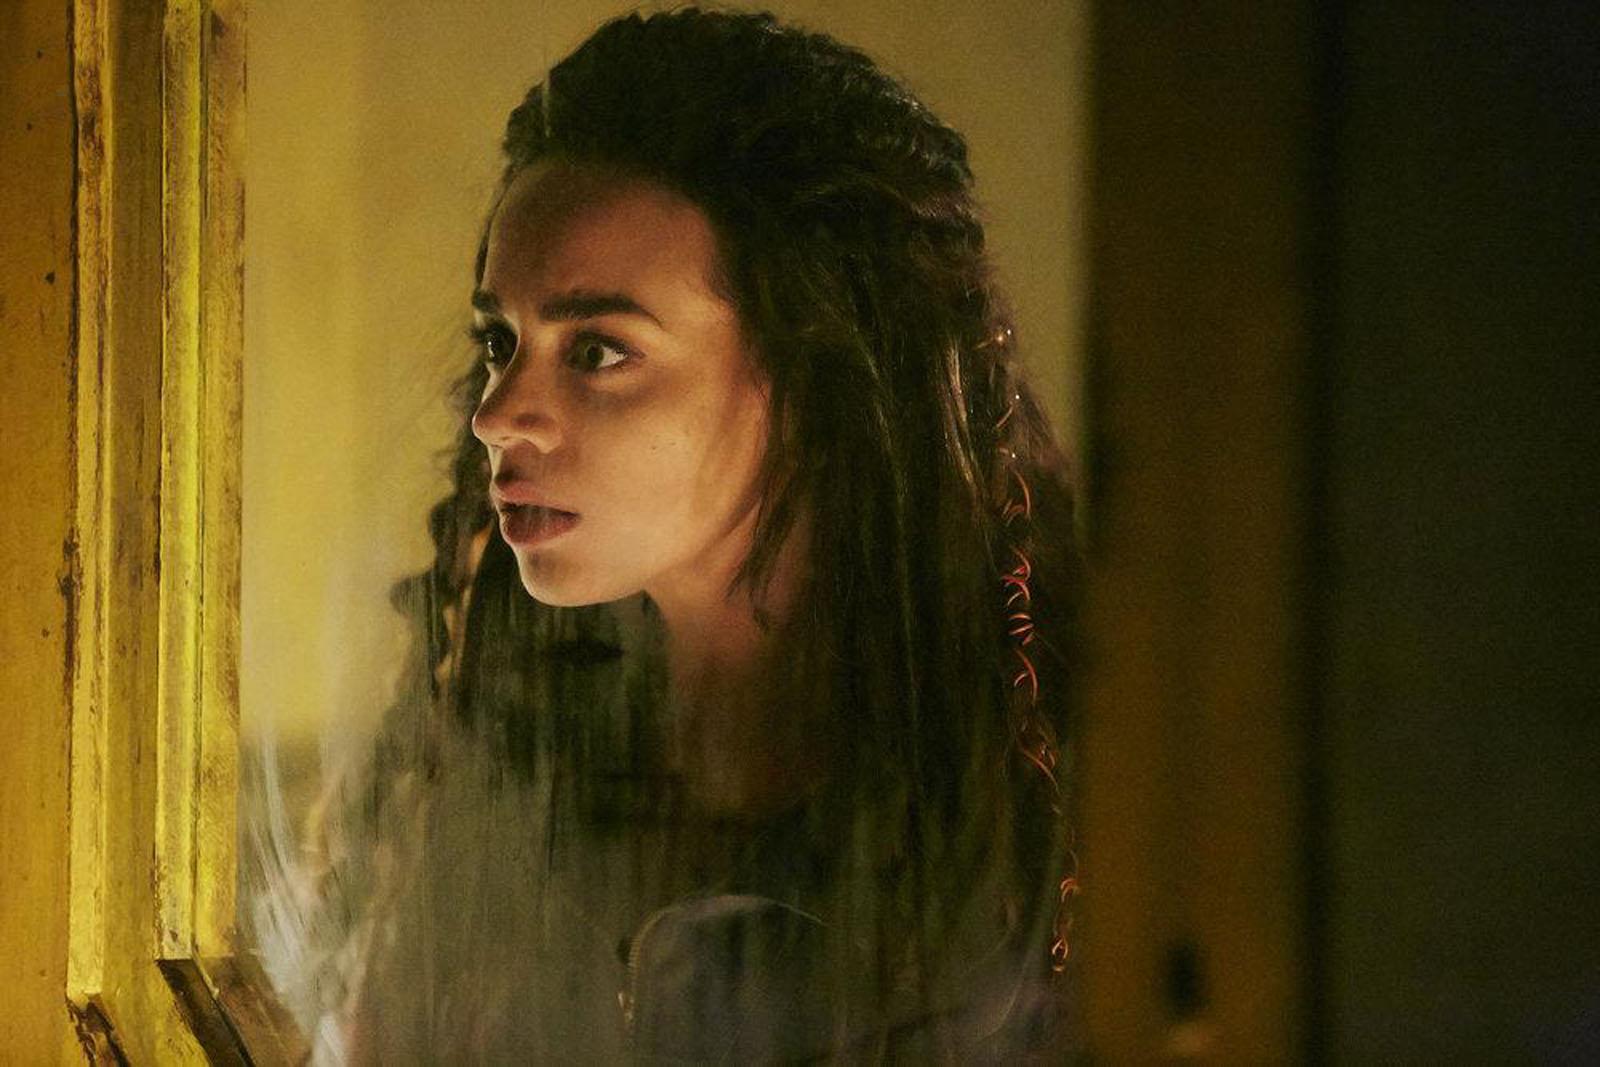 Η Hannah John-Kamen έκλεισε για ρόλο στο Tomb Raider